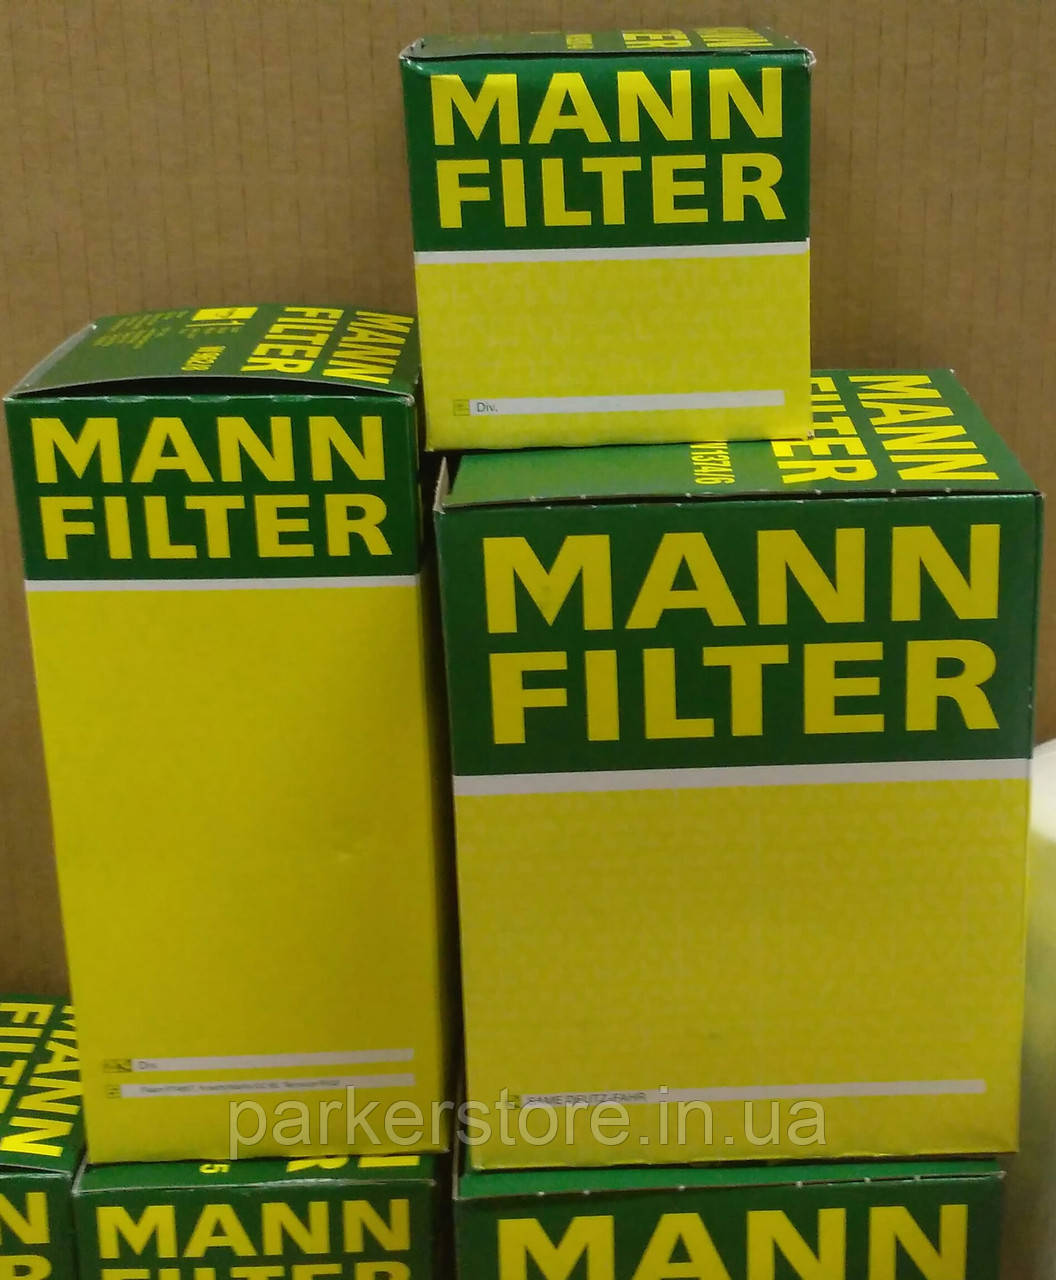 MANN FILTER / Воздушный фильтр / C 30 125 / C30125